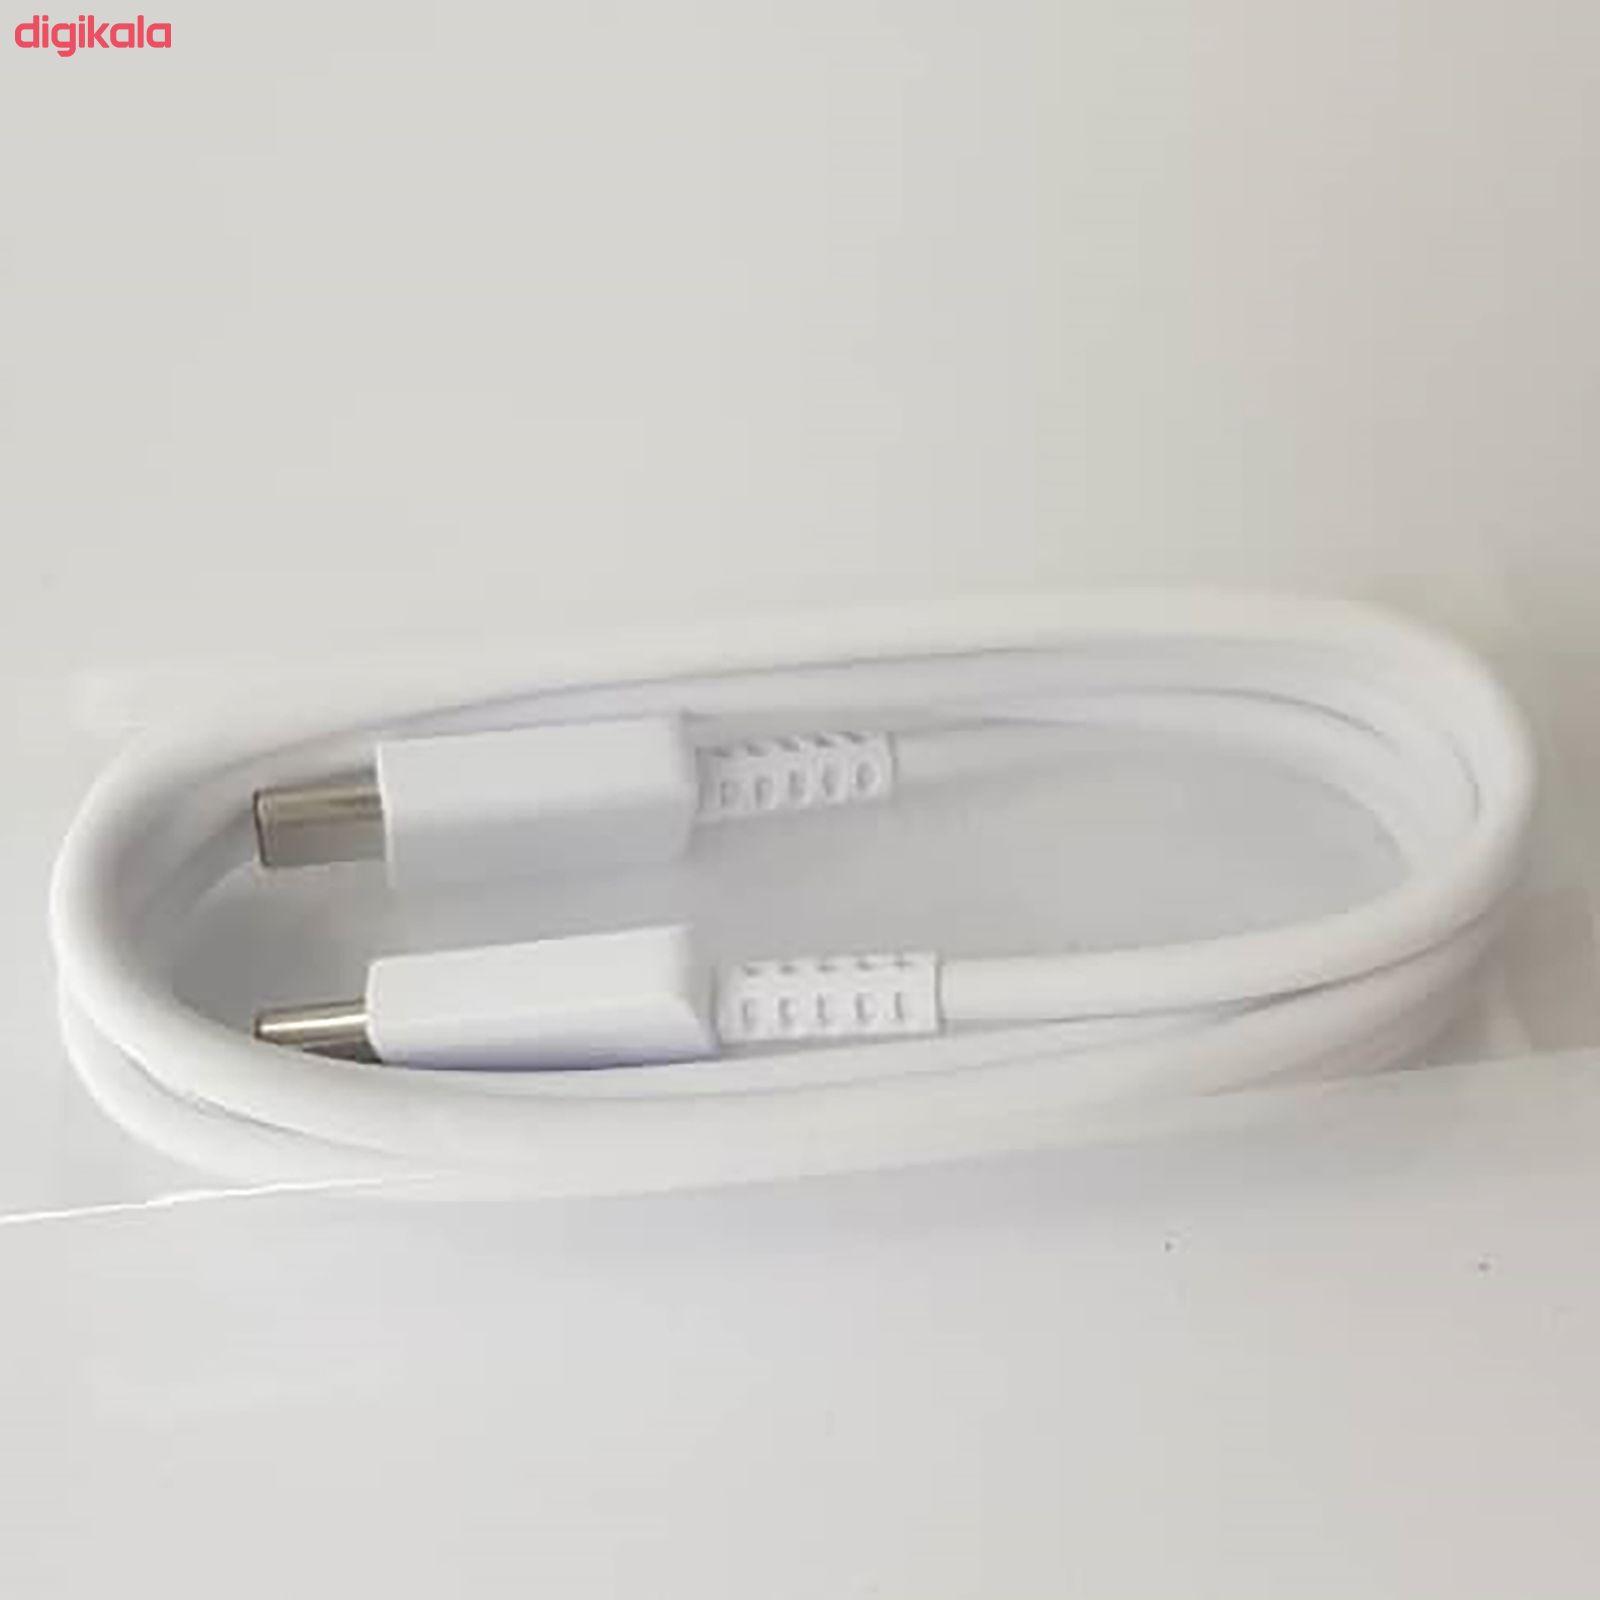 شارژر دیواری سامسونگ مدل EP-TA800 به همراه کابل تبدیل USB-C main 1 7